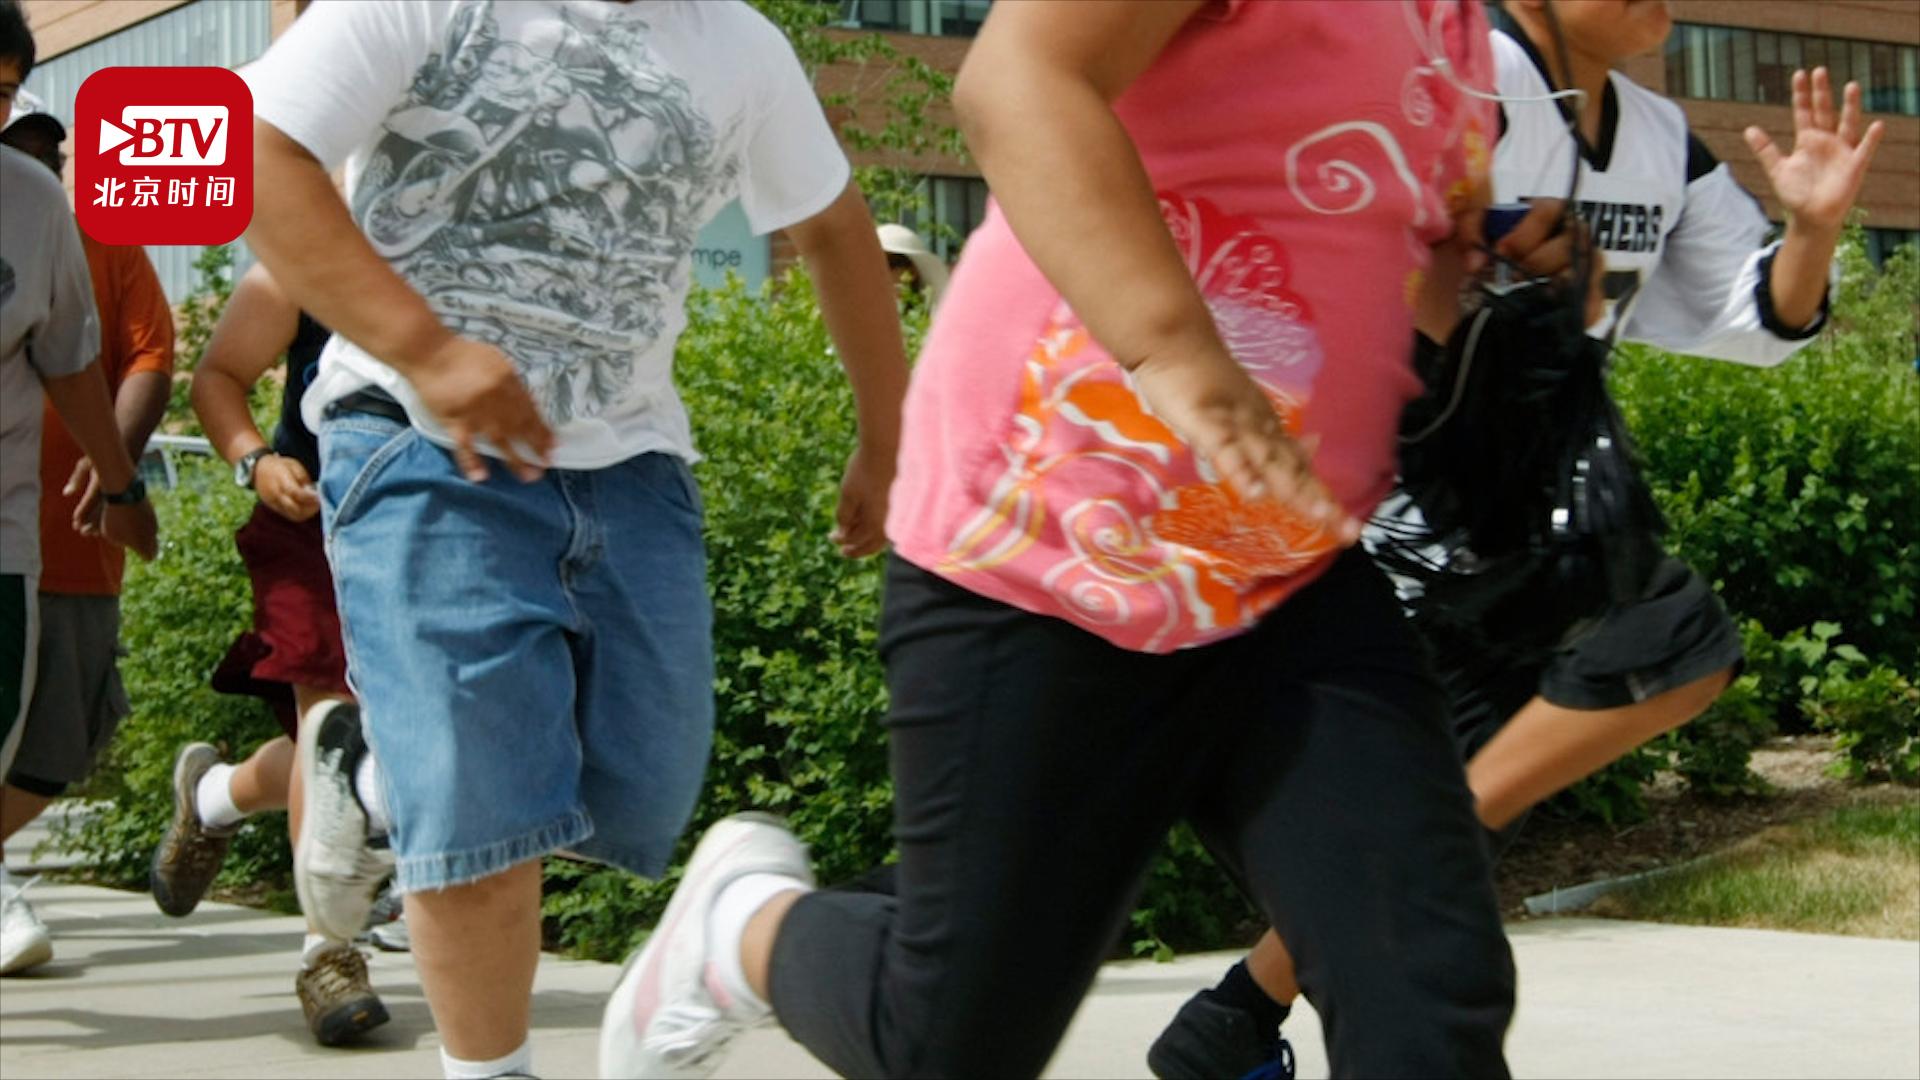 肥胖或加剧疫情!美国1/5青少年超重成新冠高危人群 感染率达40%!